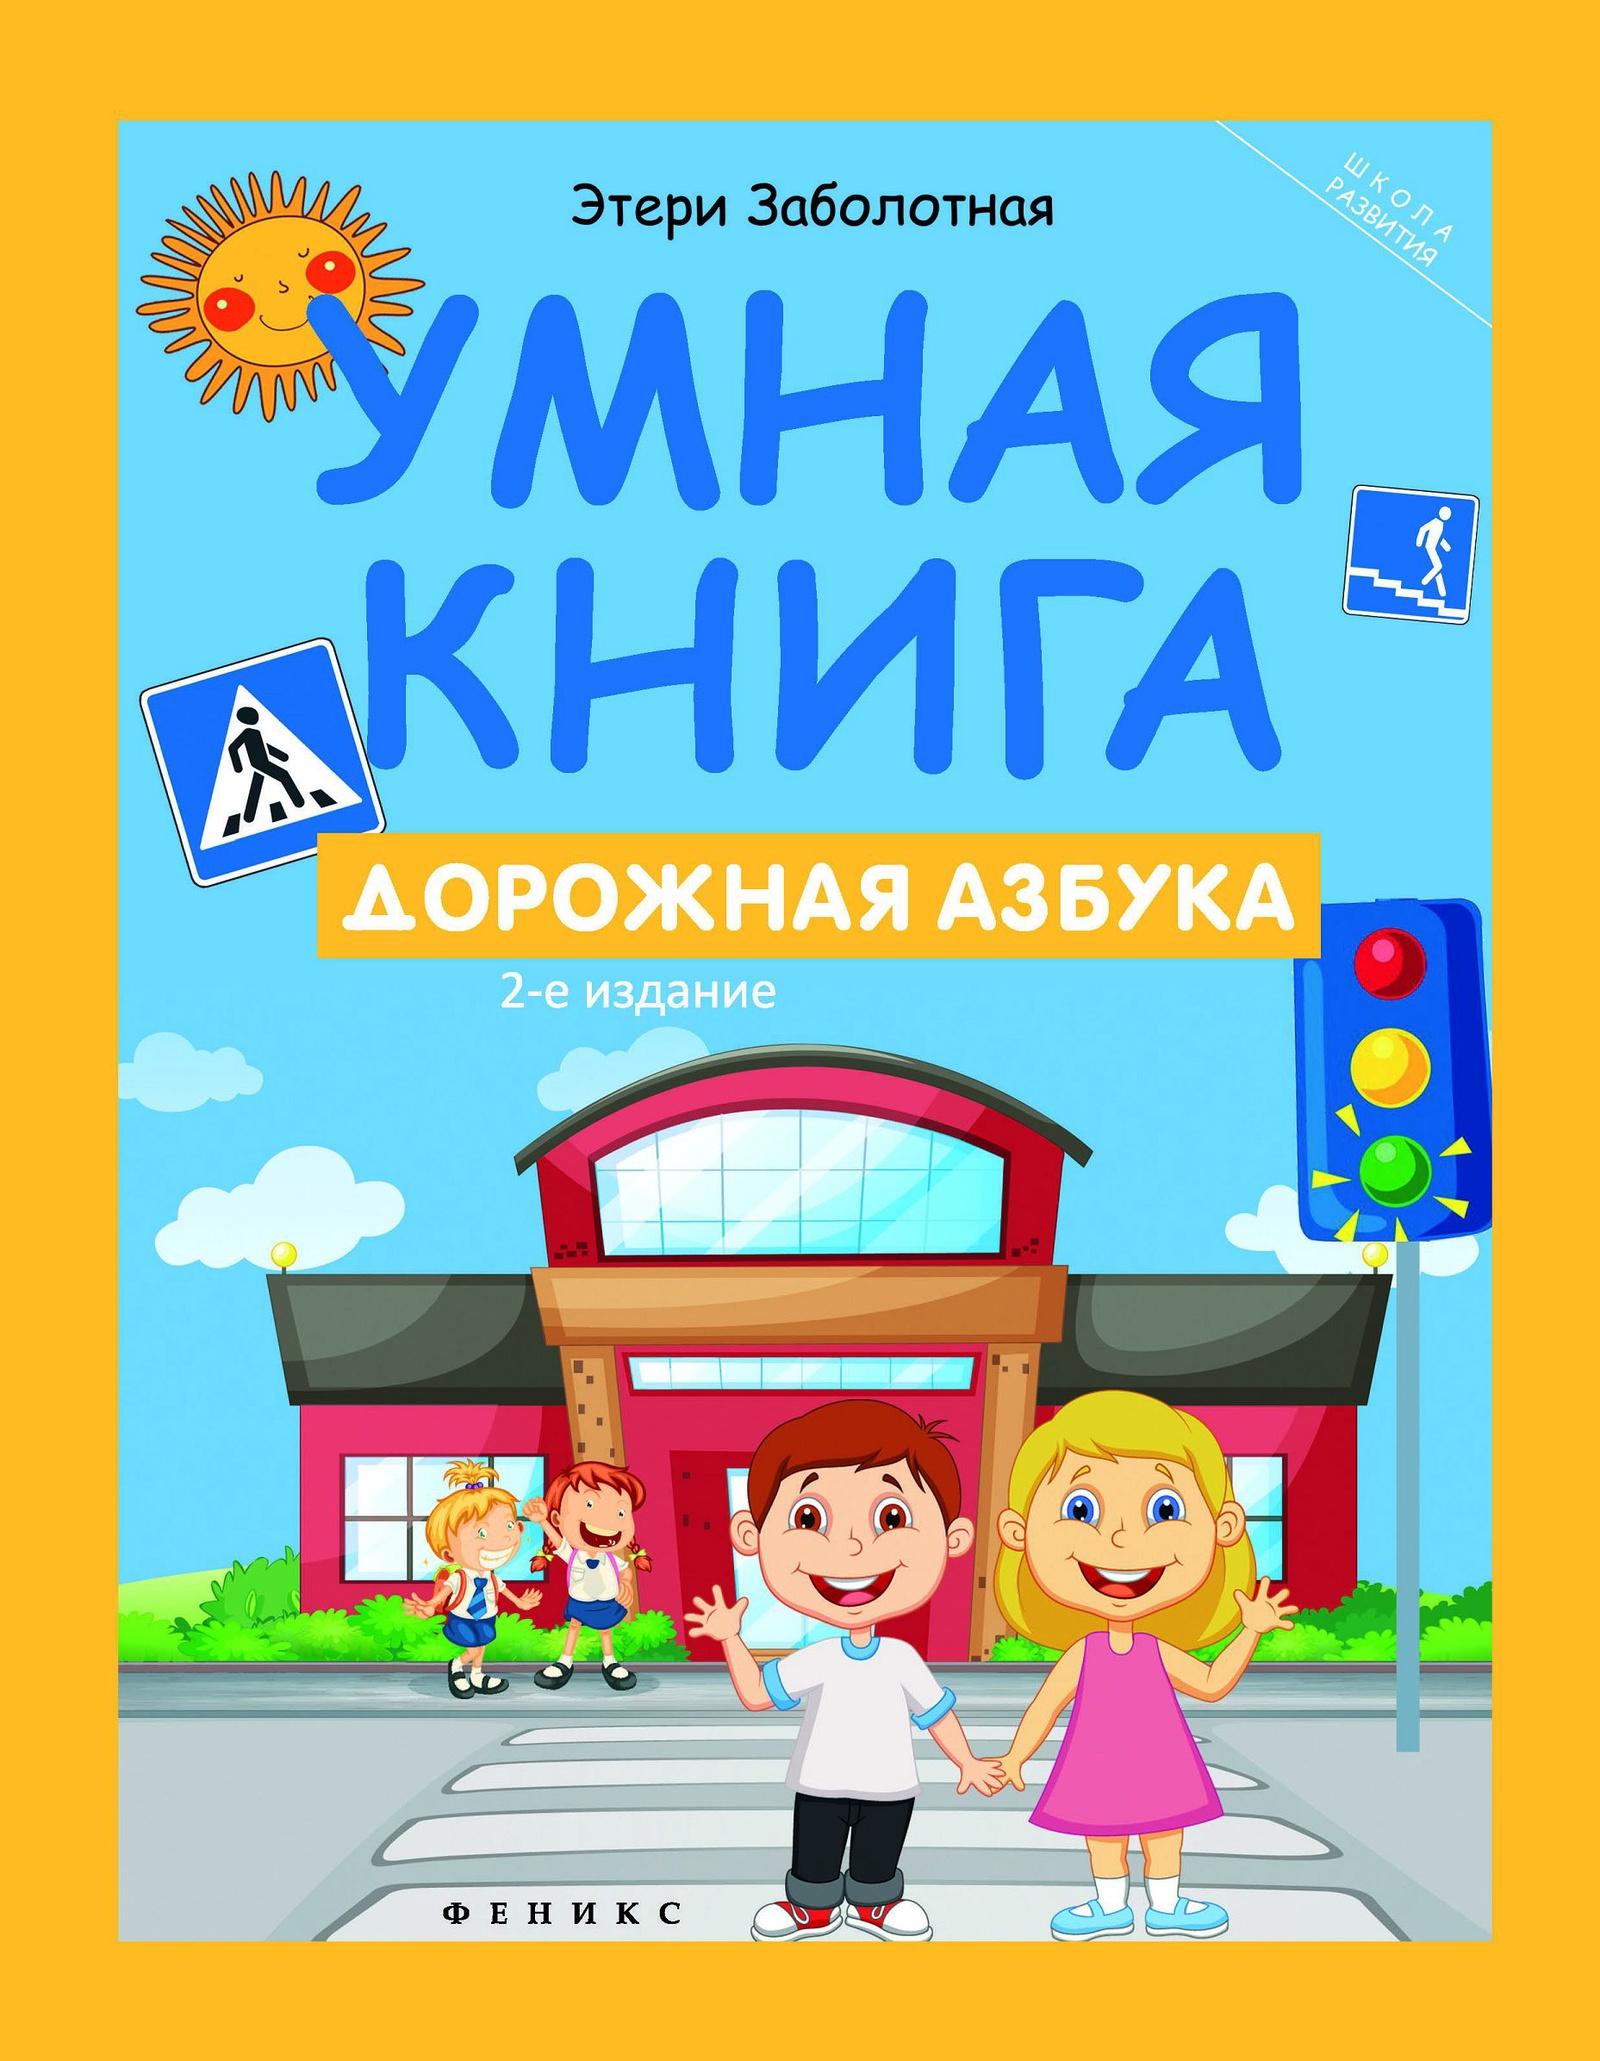 Умная книга: дорожная азбука. - Изд. 2-е Феникс